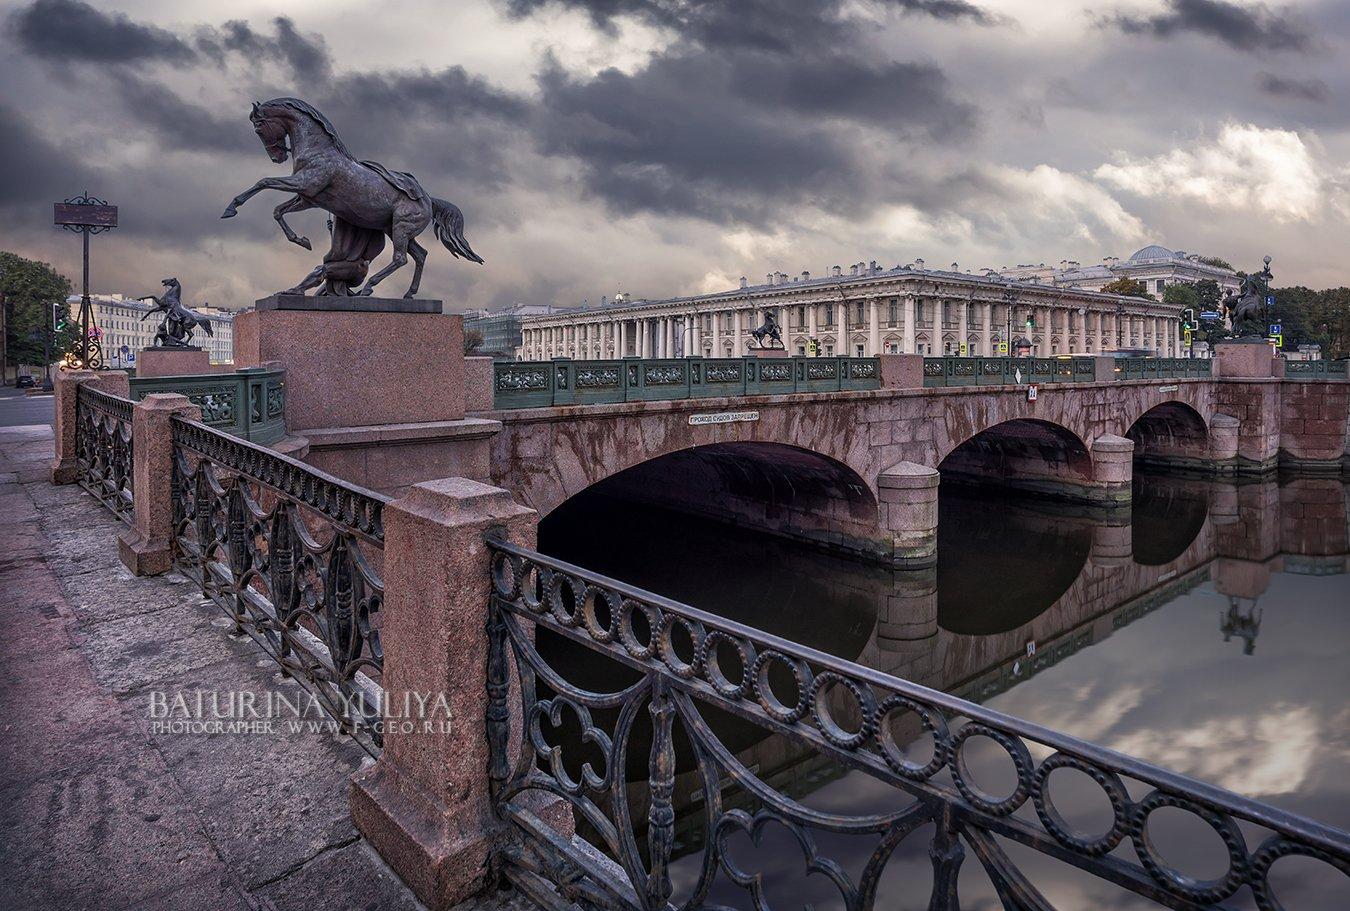 Санкт-Петербург, Петербург, Аничков мост, кони, Клодт, утро, Юлия Батурина